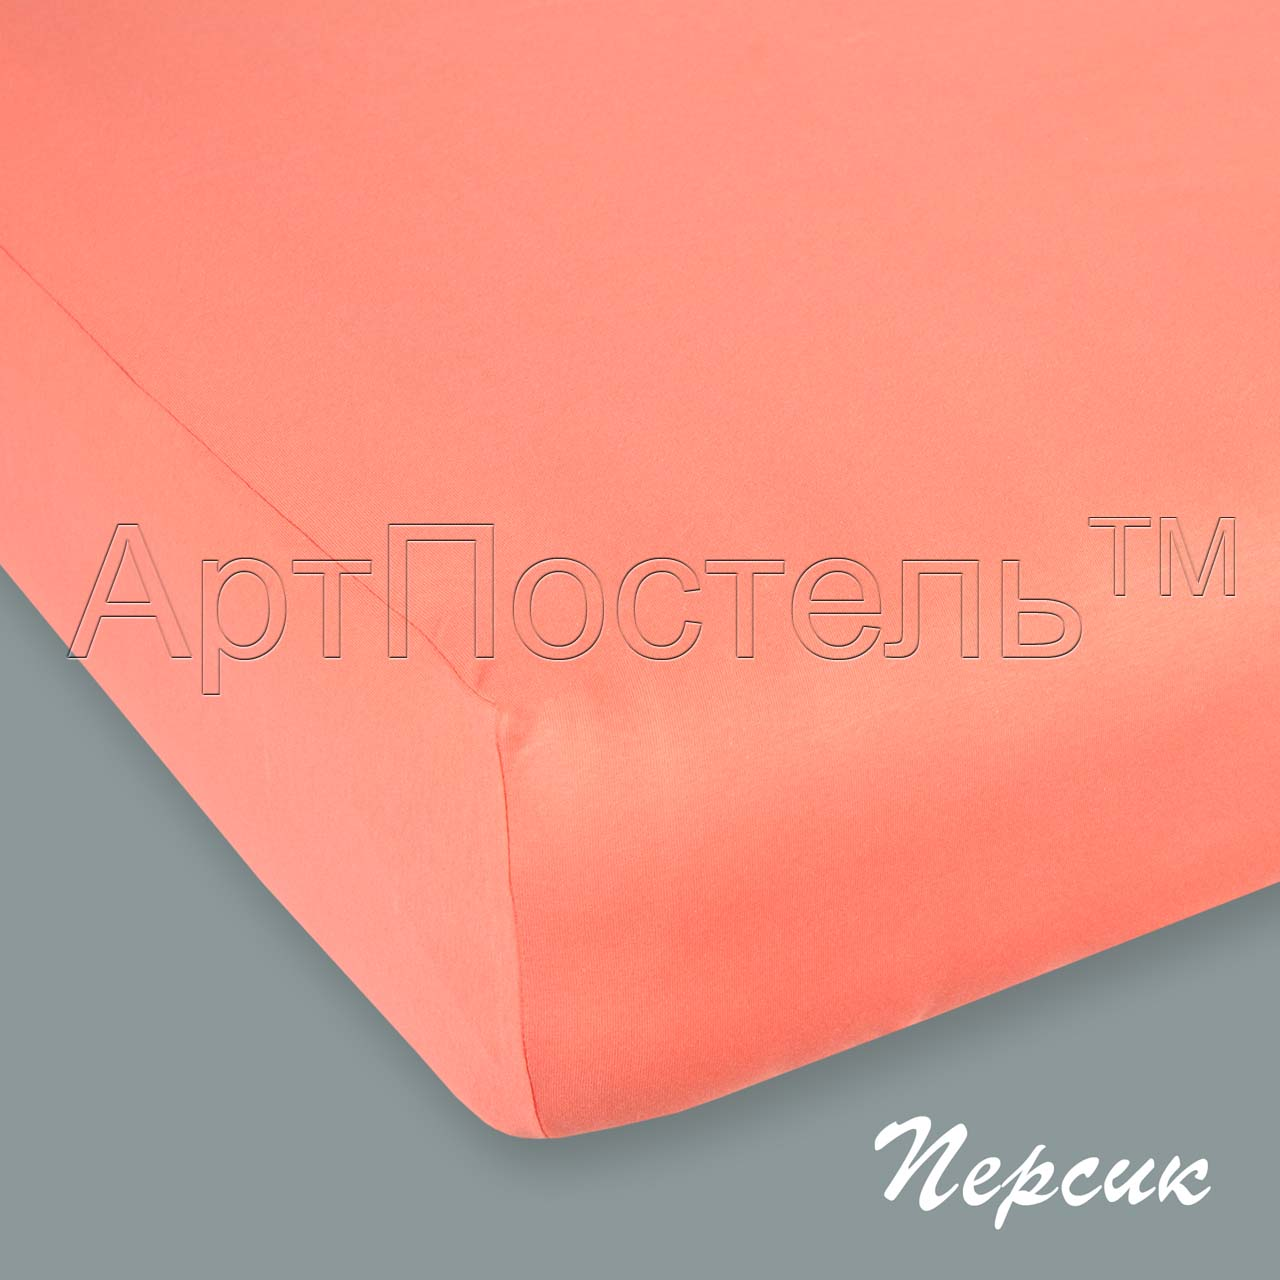 Простыня на резинке Персик, размер 120х200 смПростыни<br>Плотность ткани: 145 г/кв. м <br>Высота матраса: 20 см<br><br>Тип: Простыня<br>Размер: 120х200<br>Материал: Кулирка